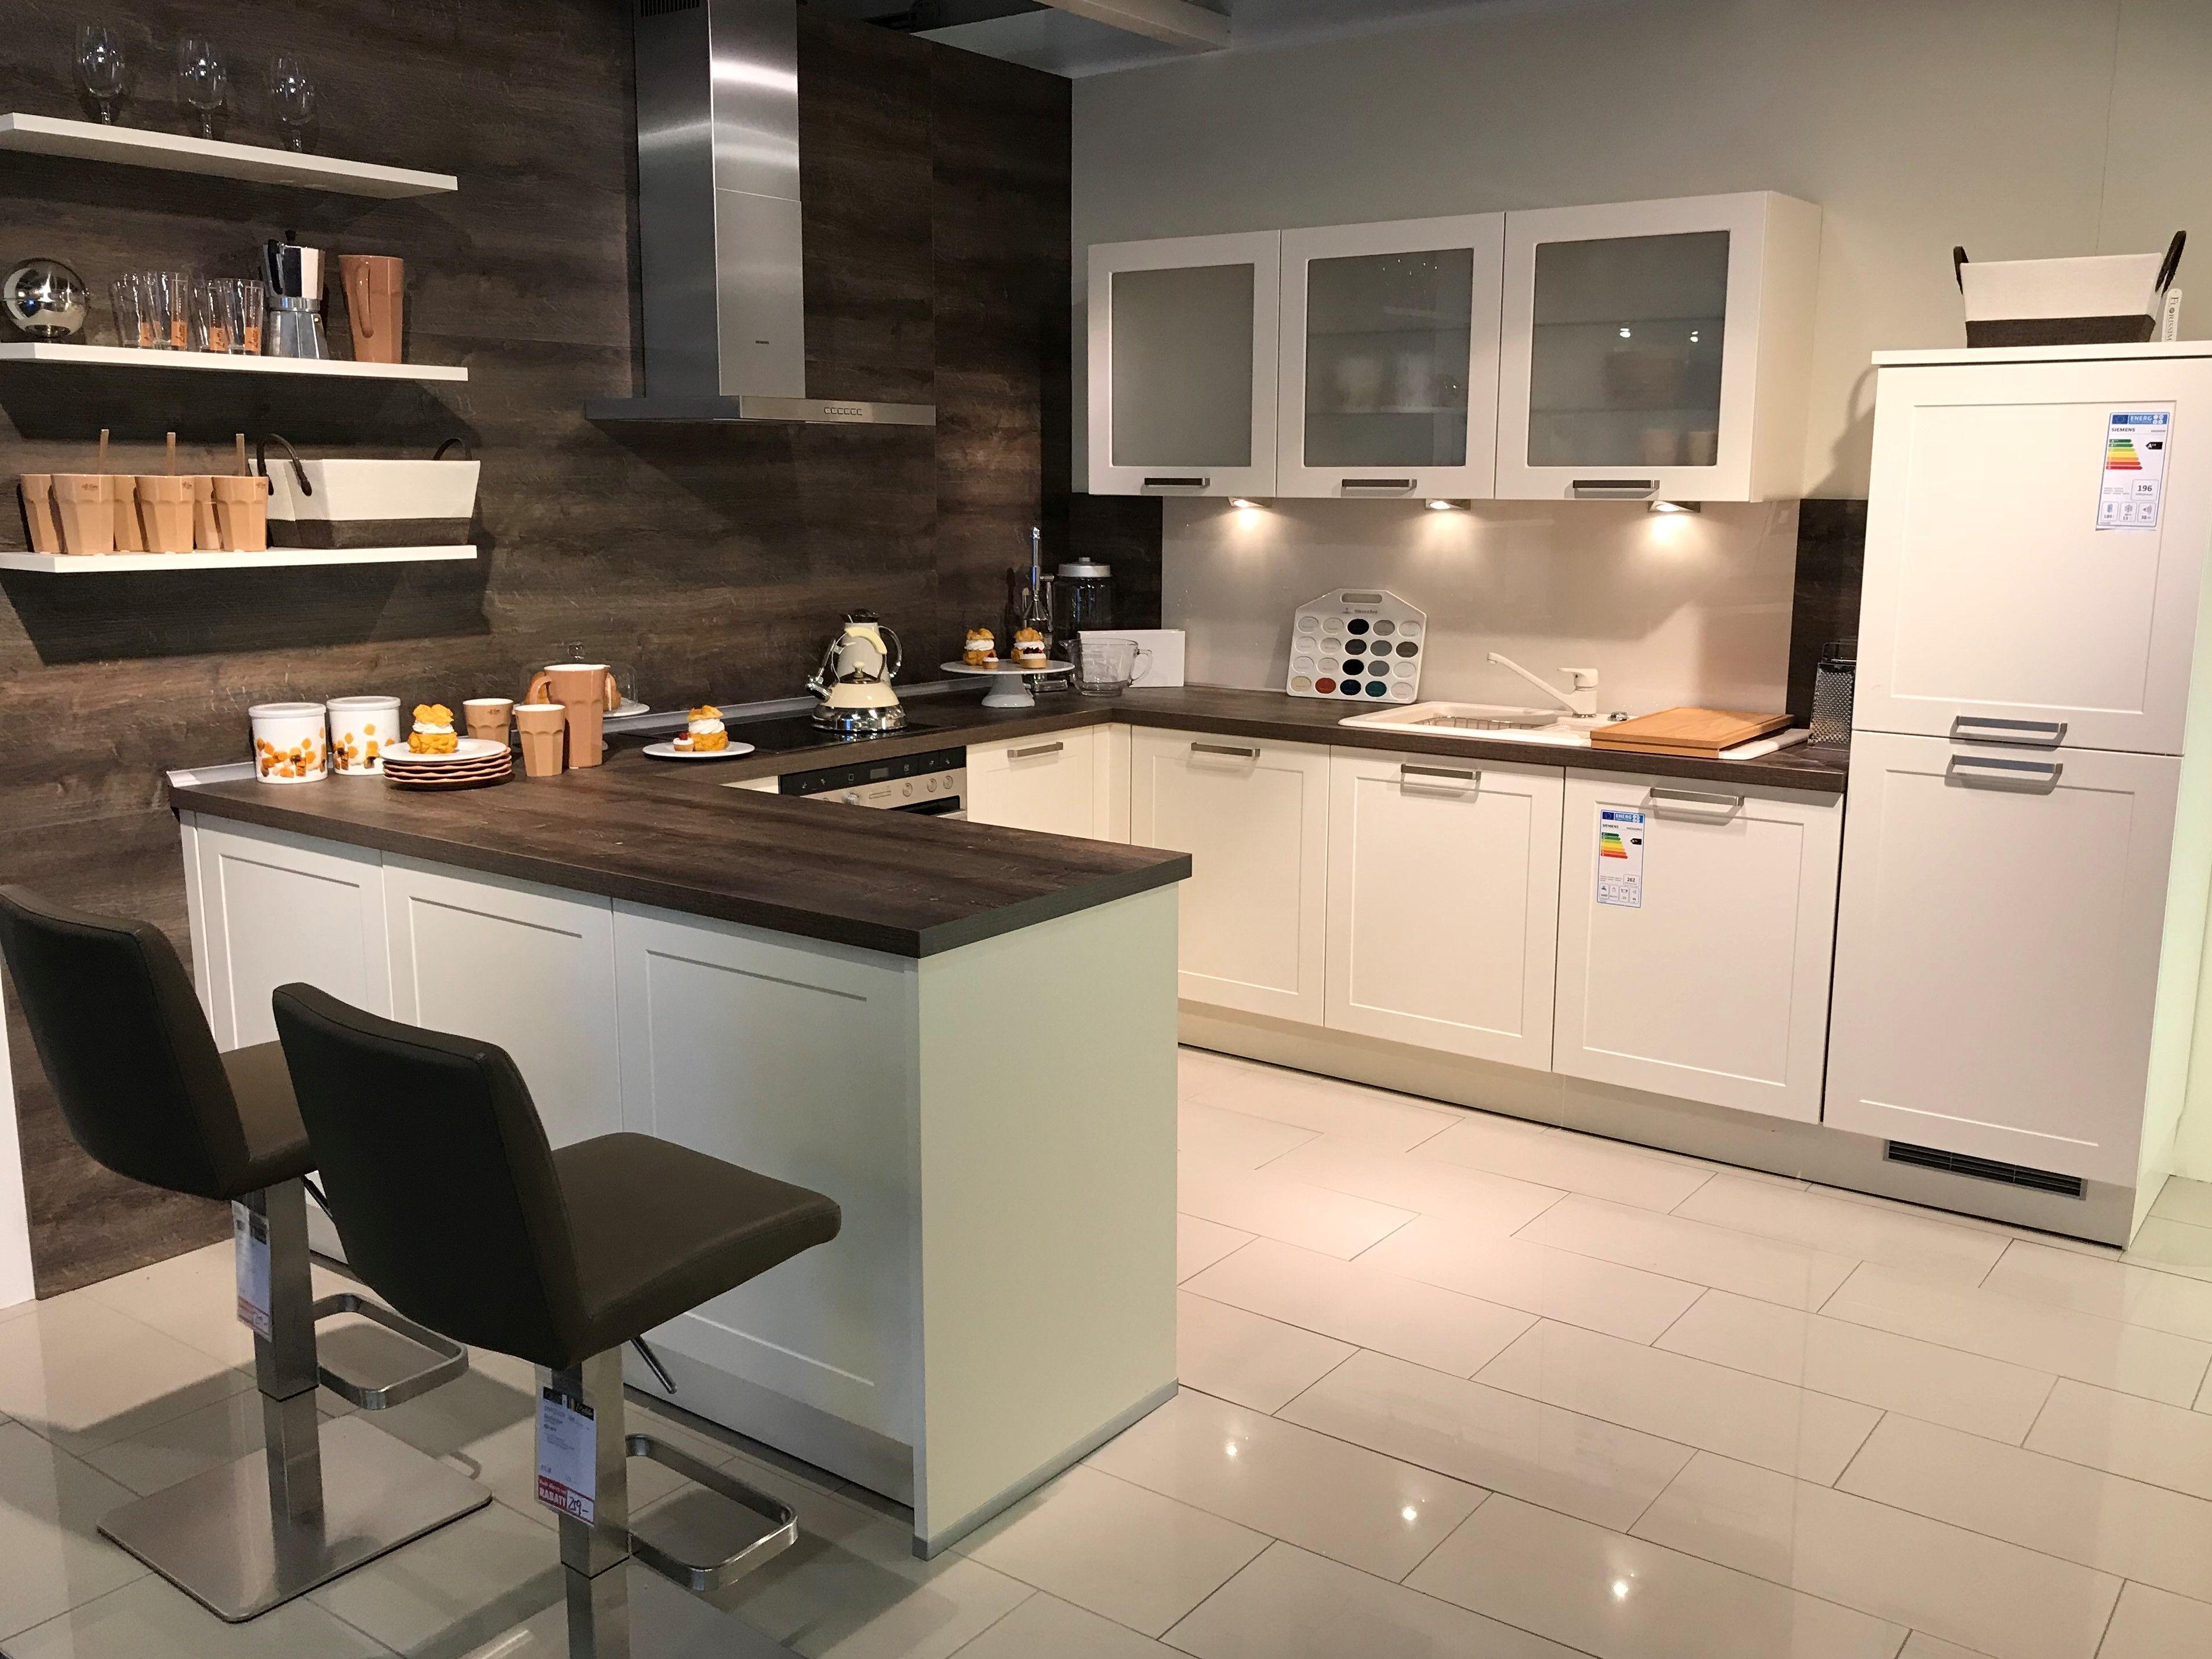 moderne Küche mit Bartresen | Küchen - Interliving Jobst Wohnwelt ...